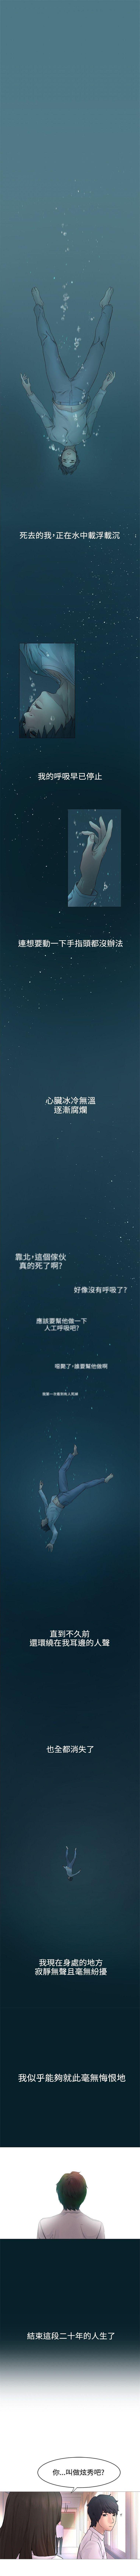 (週5)衝突 1-94 中文翻譯 (更新中) 1